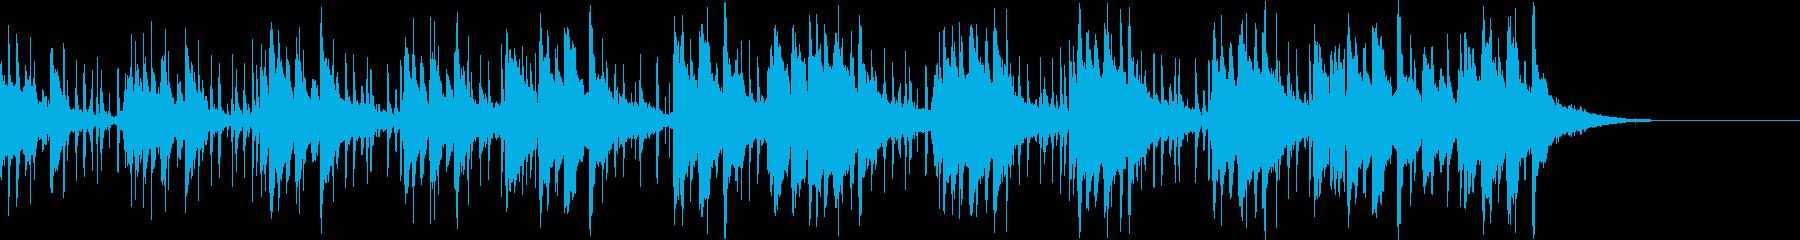 Pf「満腹」和風現代ジャズの再生済みの波形